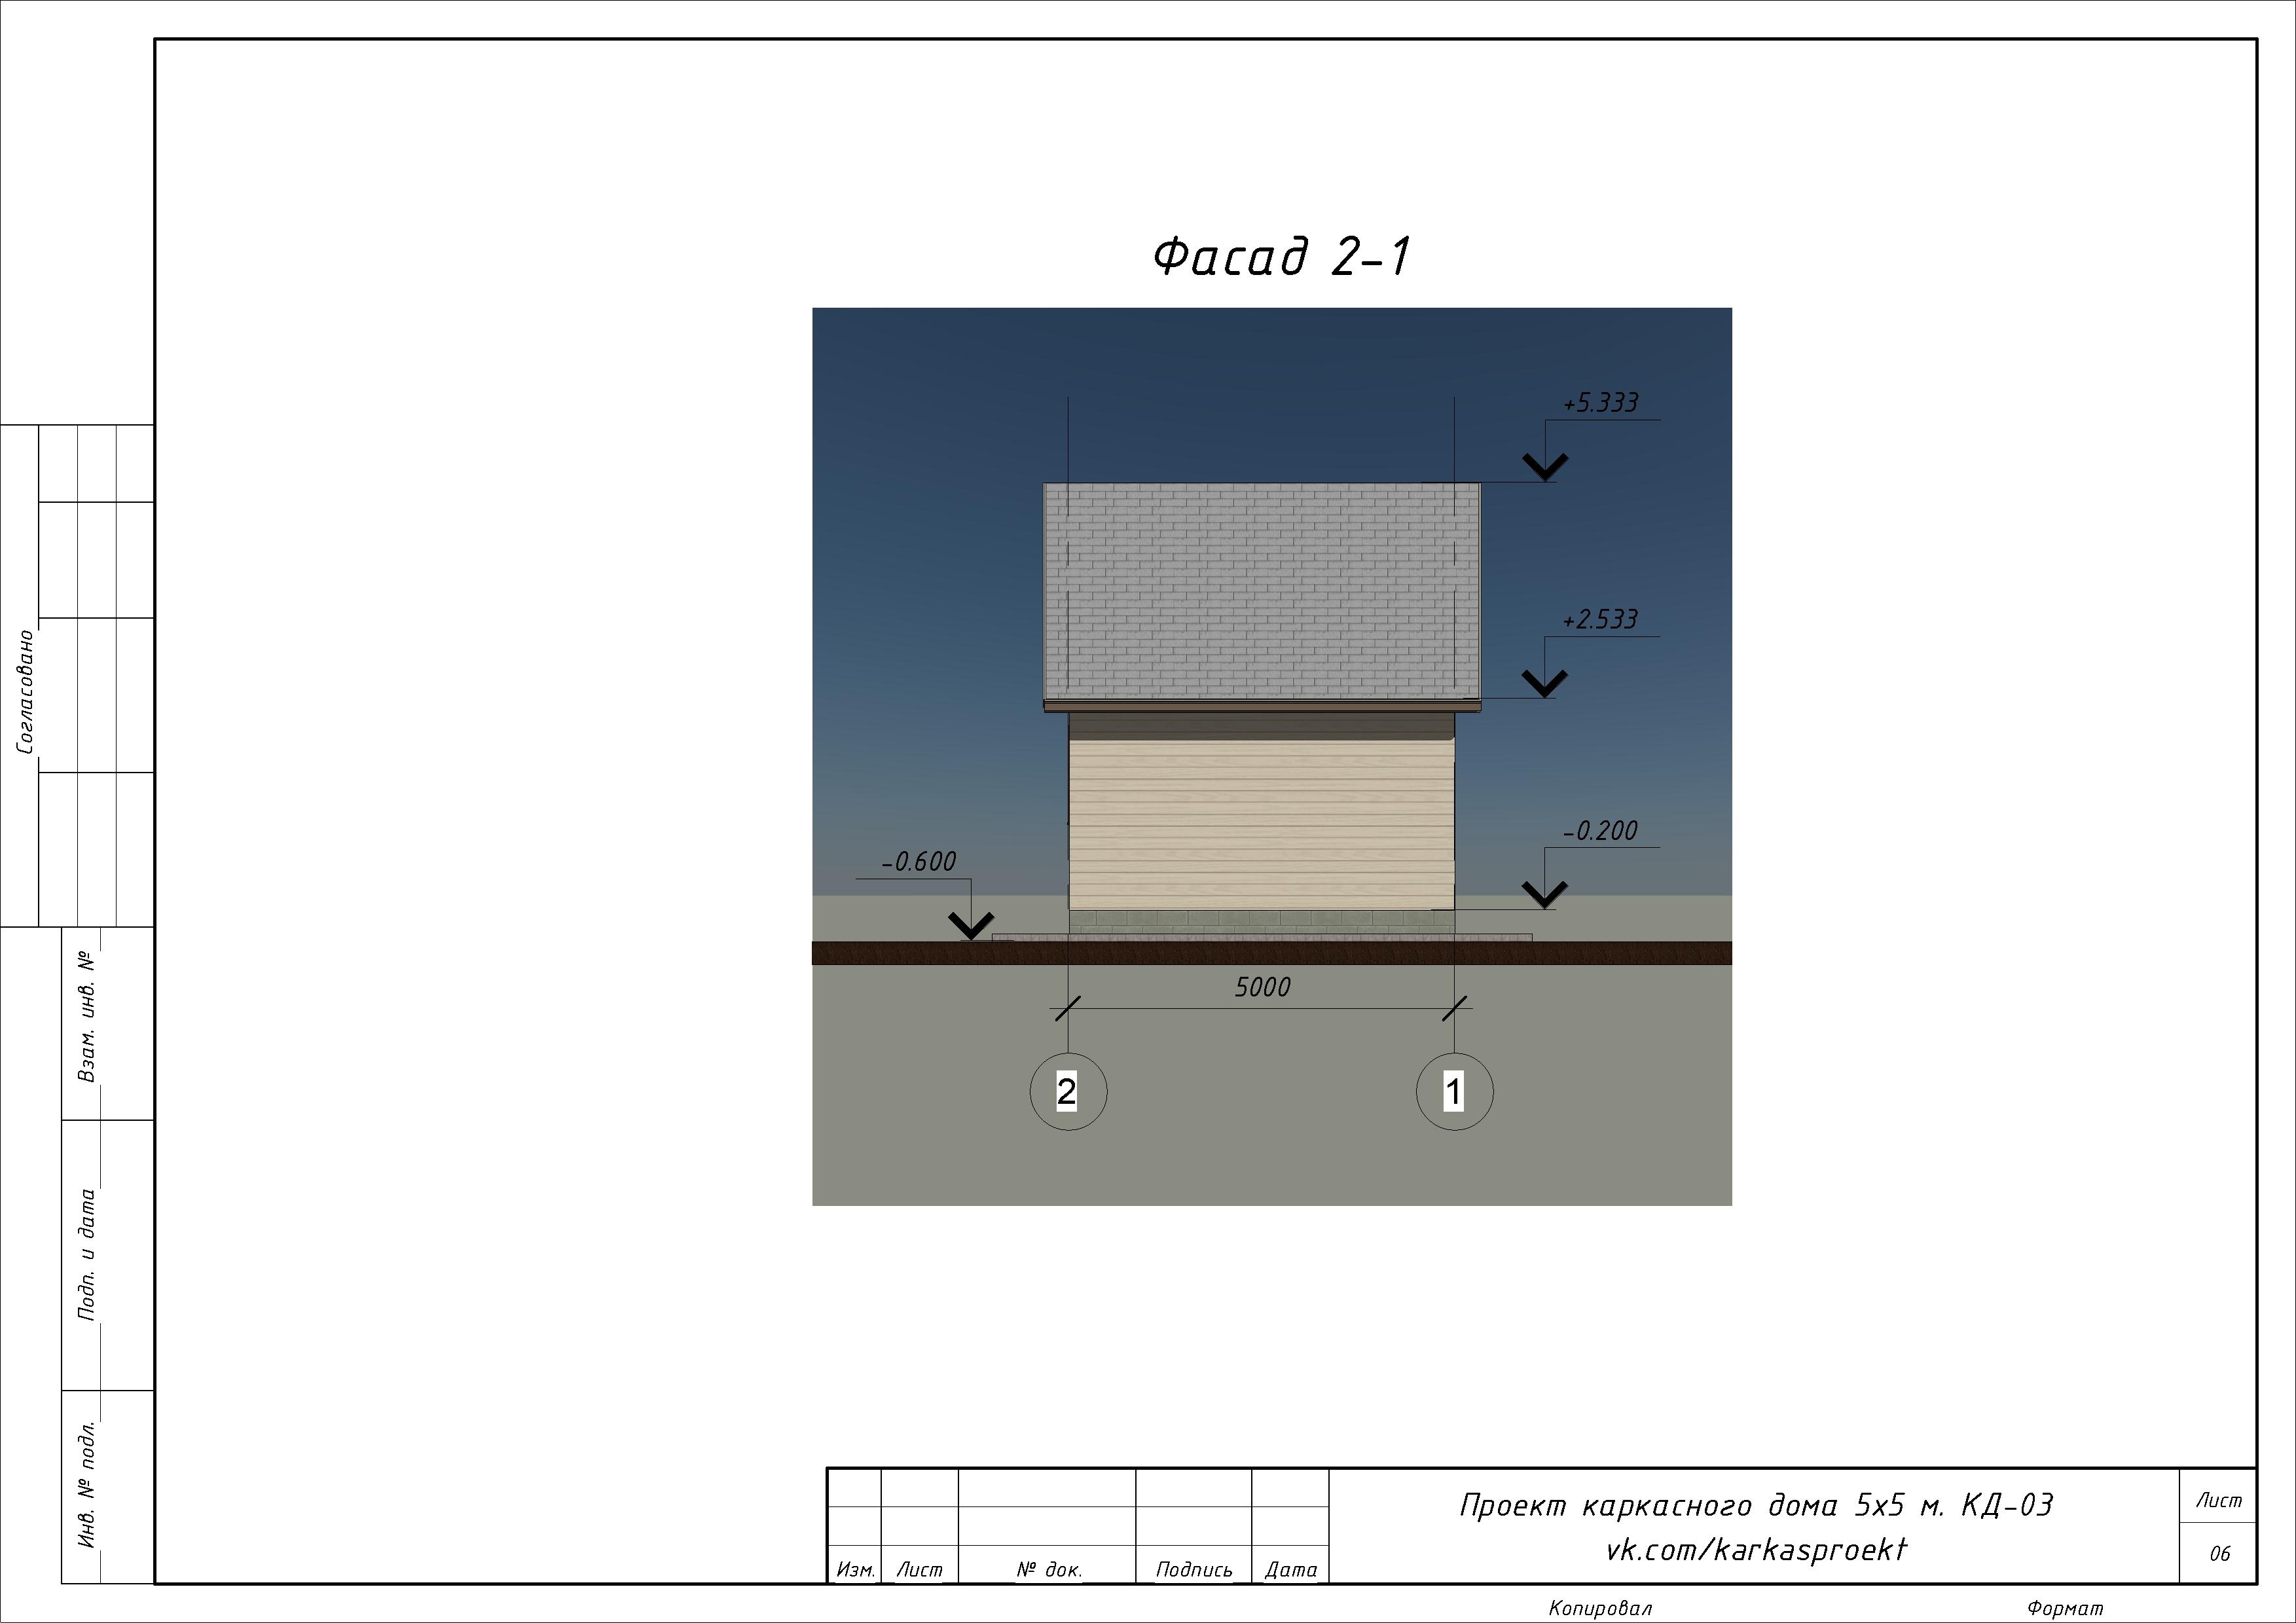 КД-03 Фасад 2-1